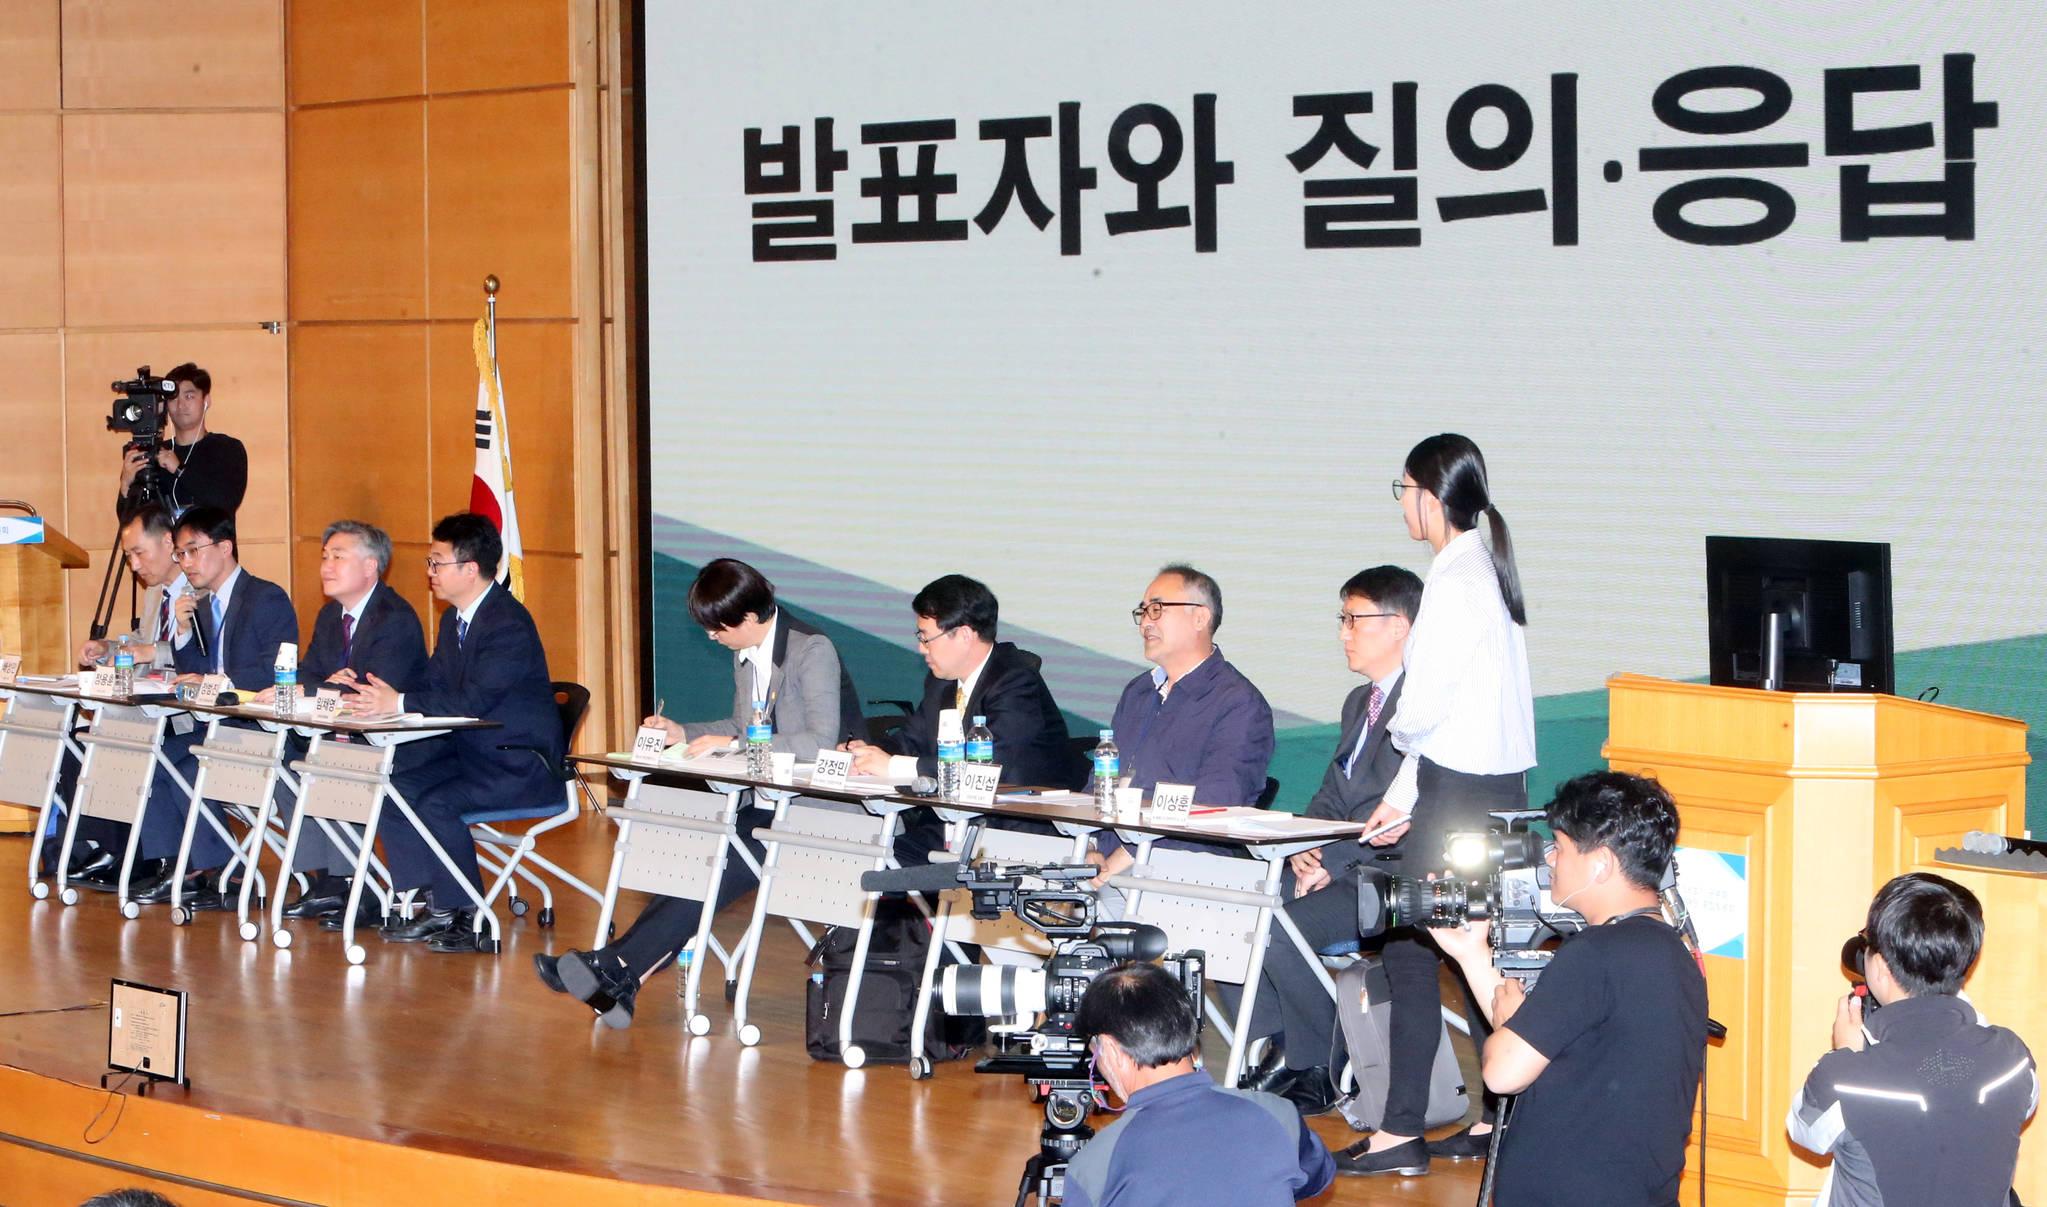 신고리 5·6호기의 운명을 결정할 시민참여단의 종합토론회 둘째날인 14일 오전 충남 천안 계성원에서 '발표자와 시민참여단의 질의·응답 시간'이 열렸다. [연합뉴스]